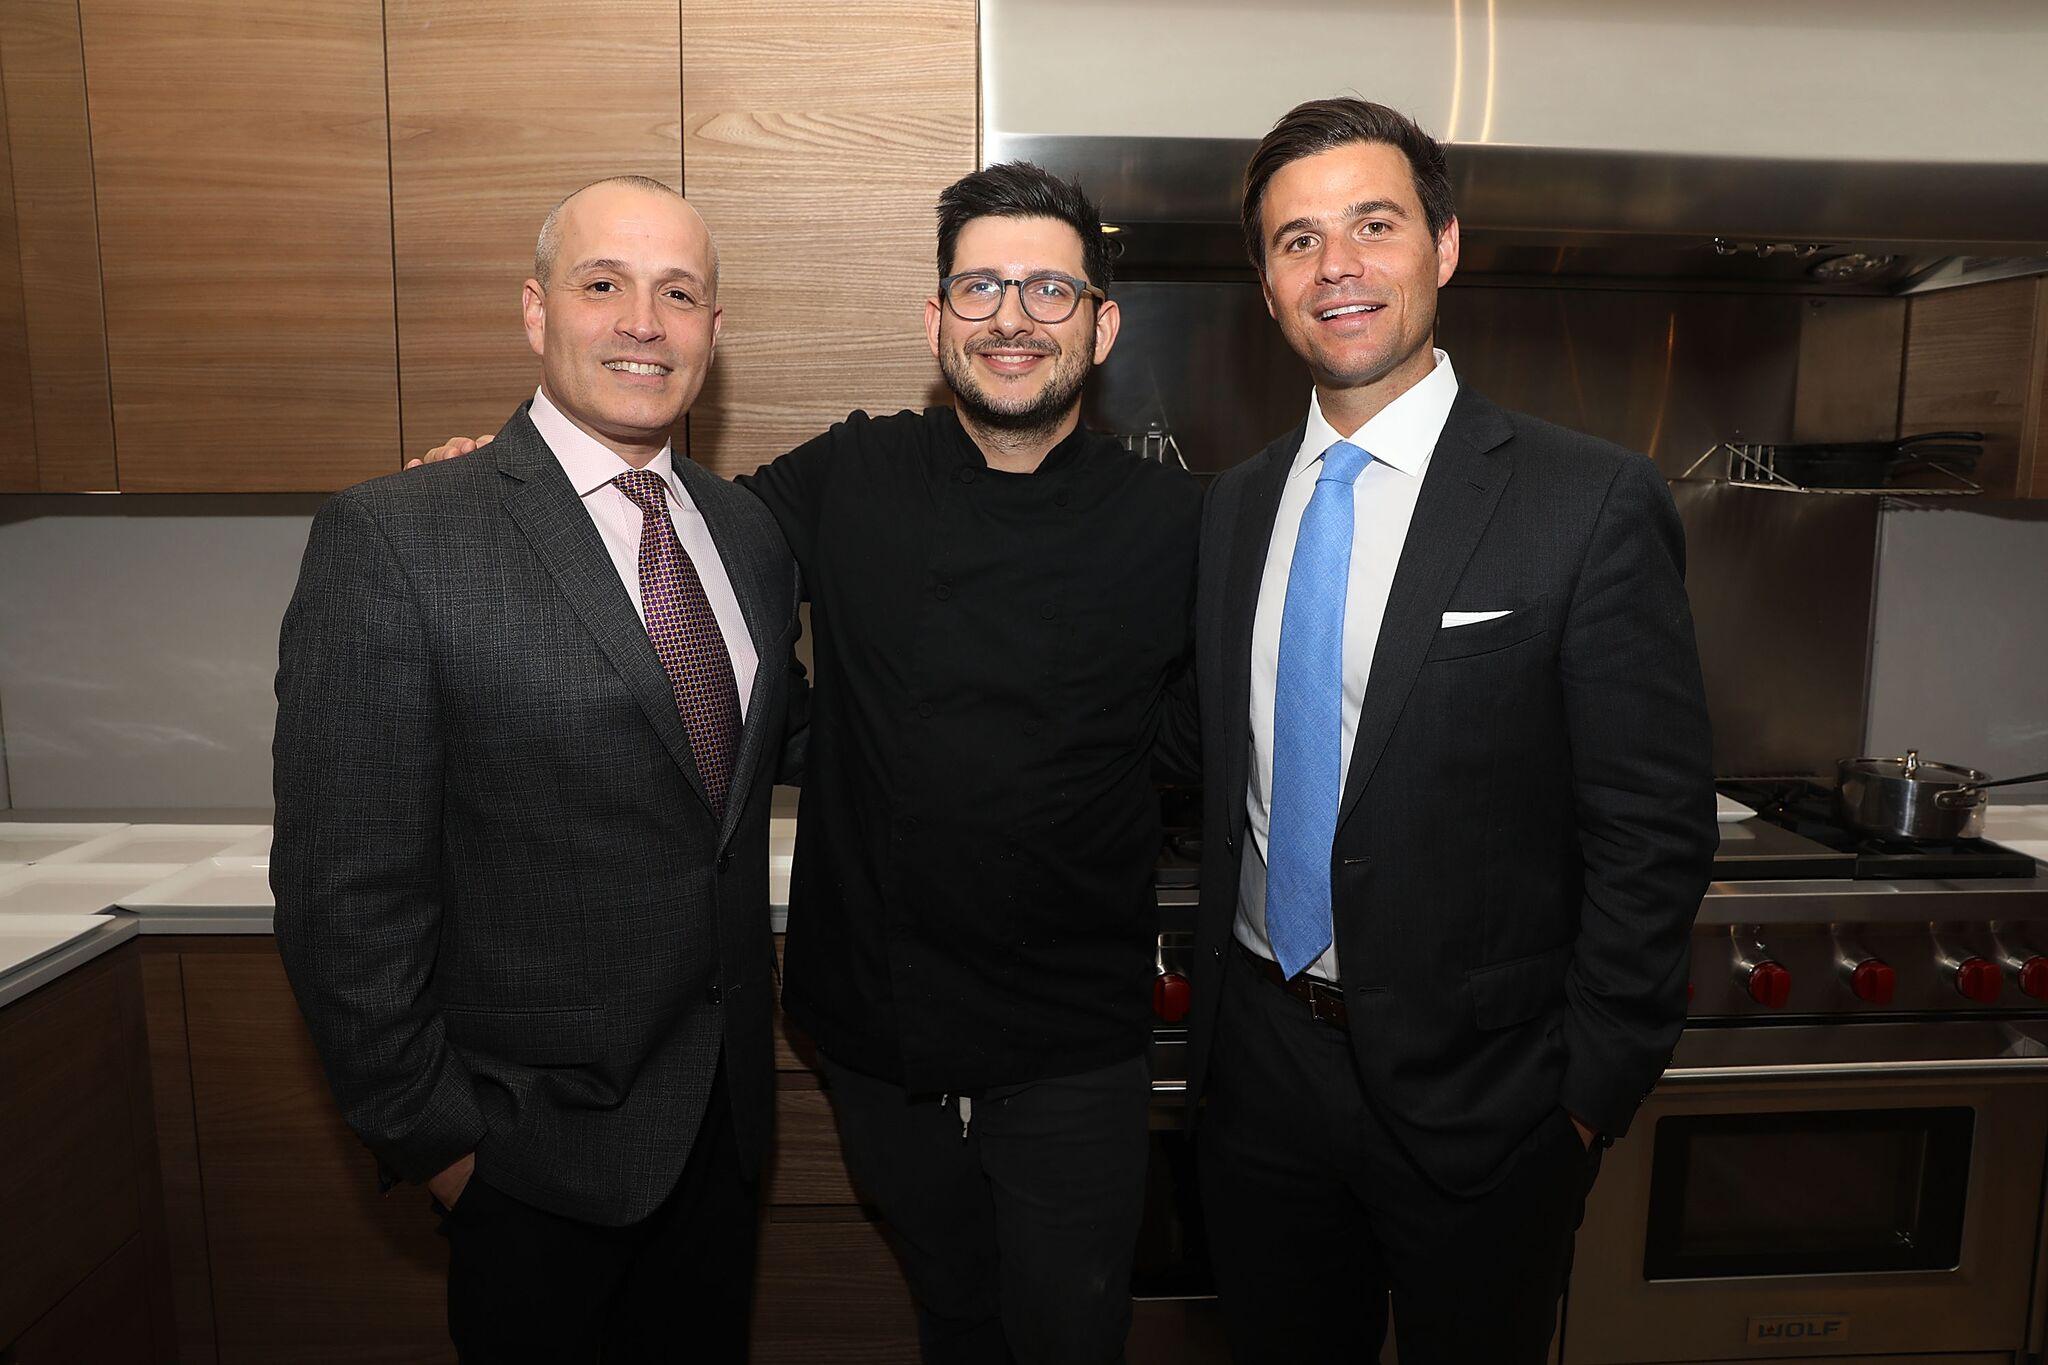 Oscar Rodriguez, Chef Giorgio Rapicavoli and Daniel de la Vega (shown left to right)